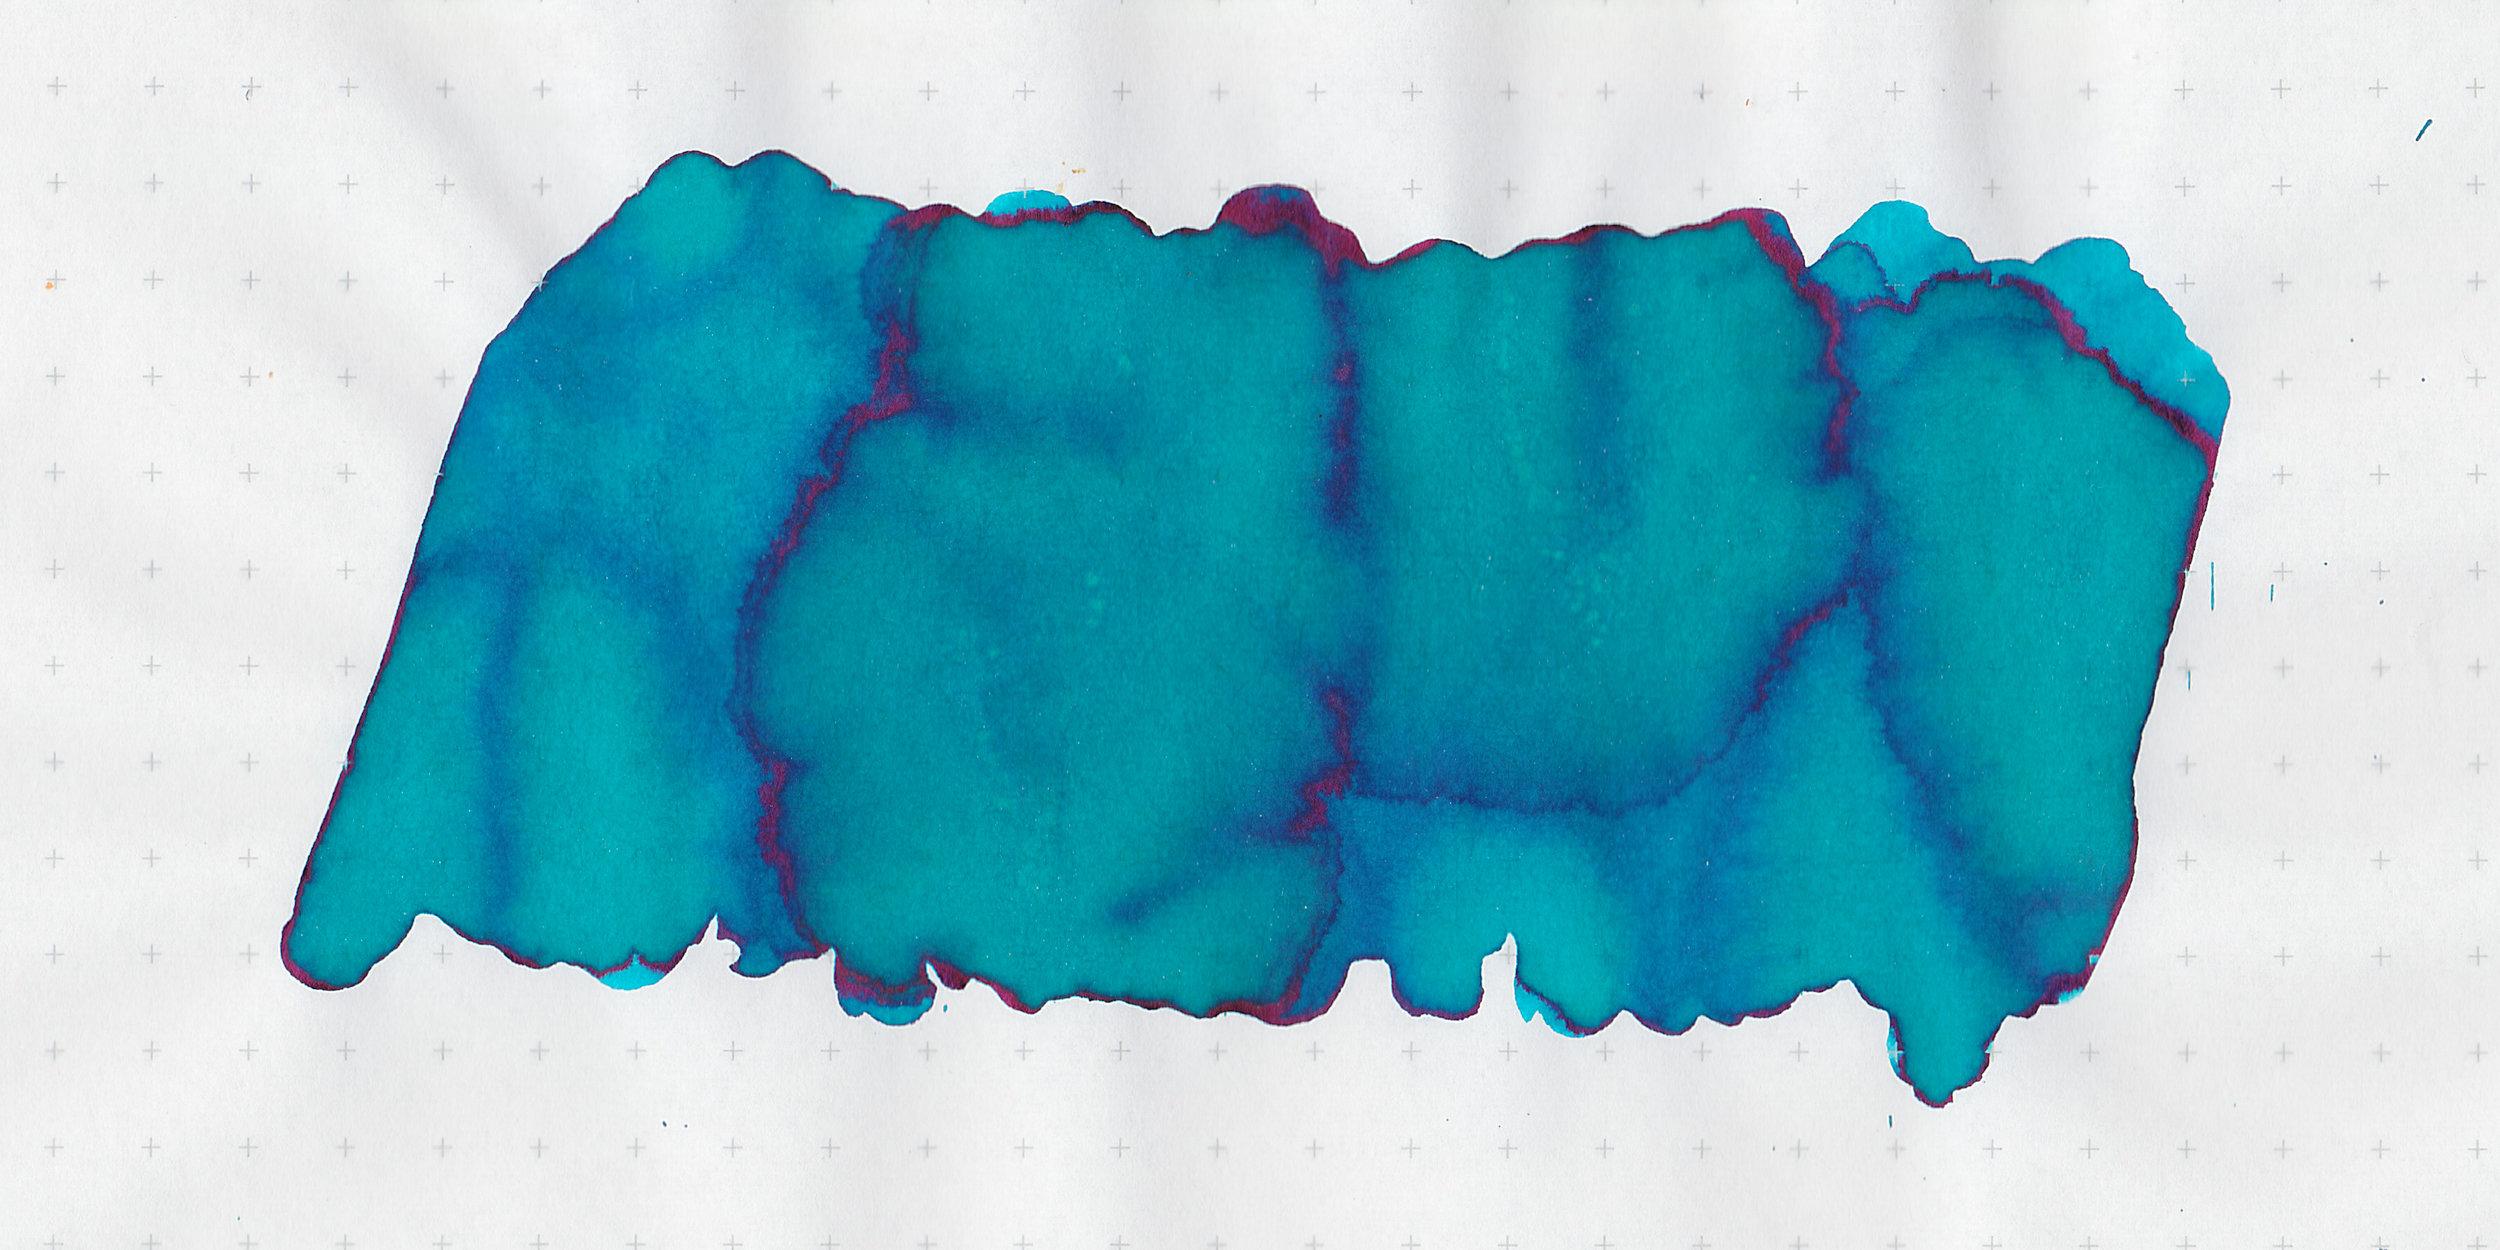 os-alanine-aqua-3.jpg